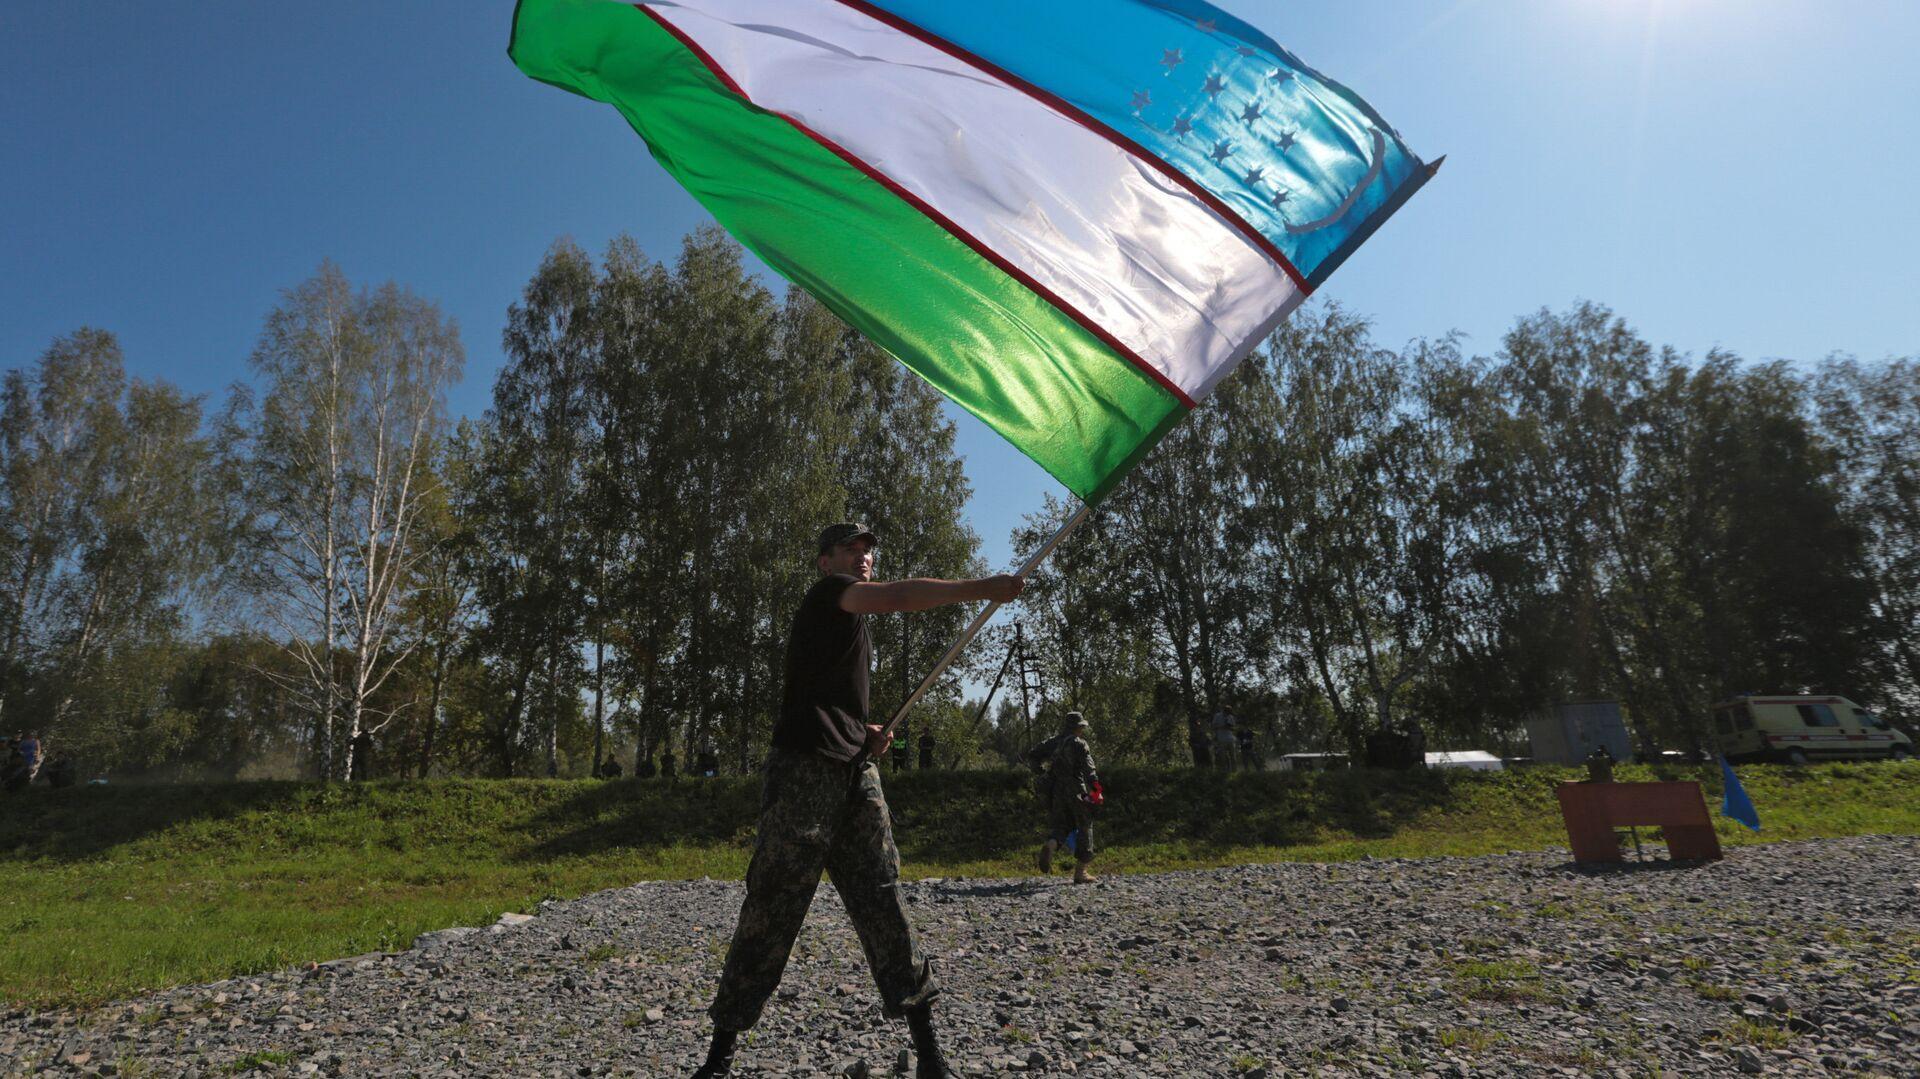 Международный конкурс Отличники войсковой разведки в Новосибирской области - Sputnik Узбекистан, 1920, 01.07.2021